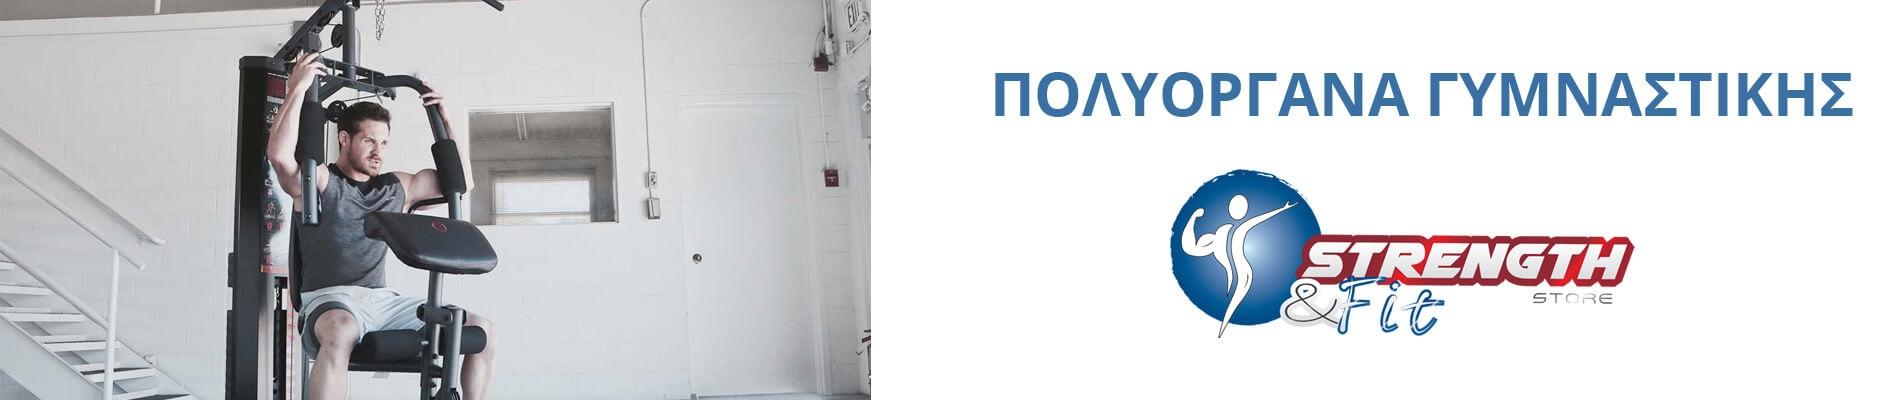 ΠΟΛΥΟΡΓΑΝΑ ΓΥΜΝΑΣΤΙΚΗΣ